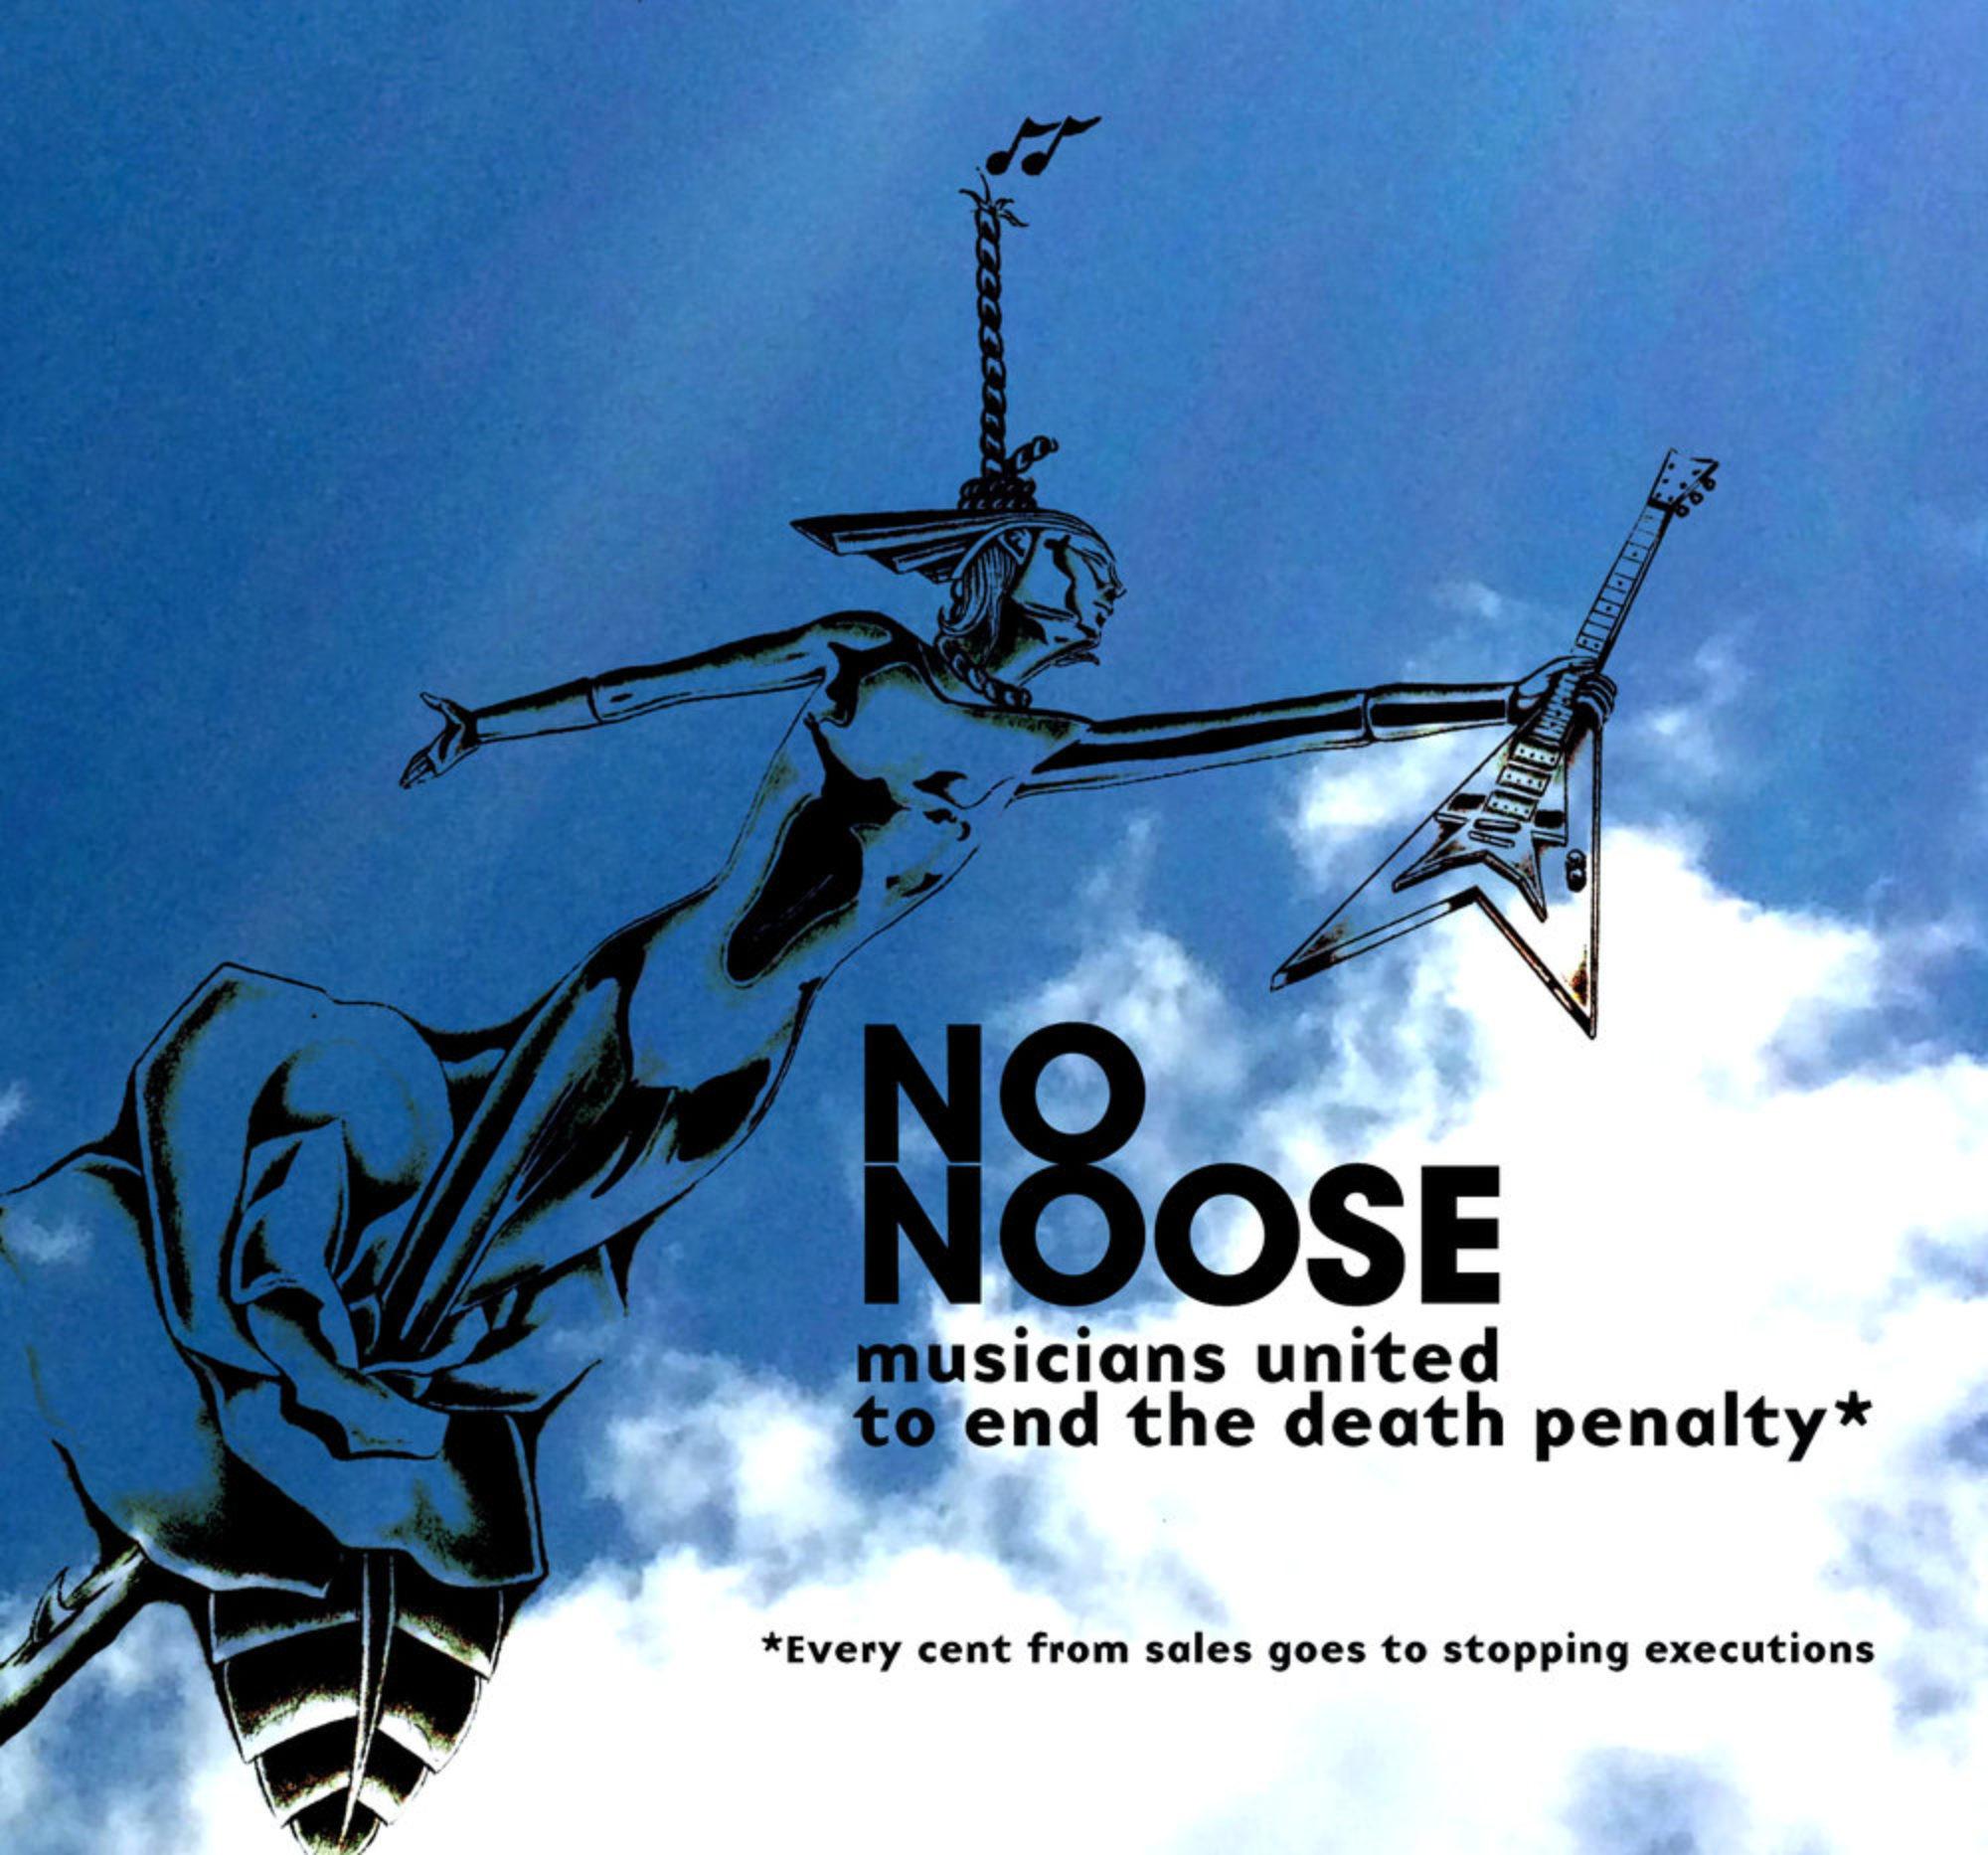 No Noose